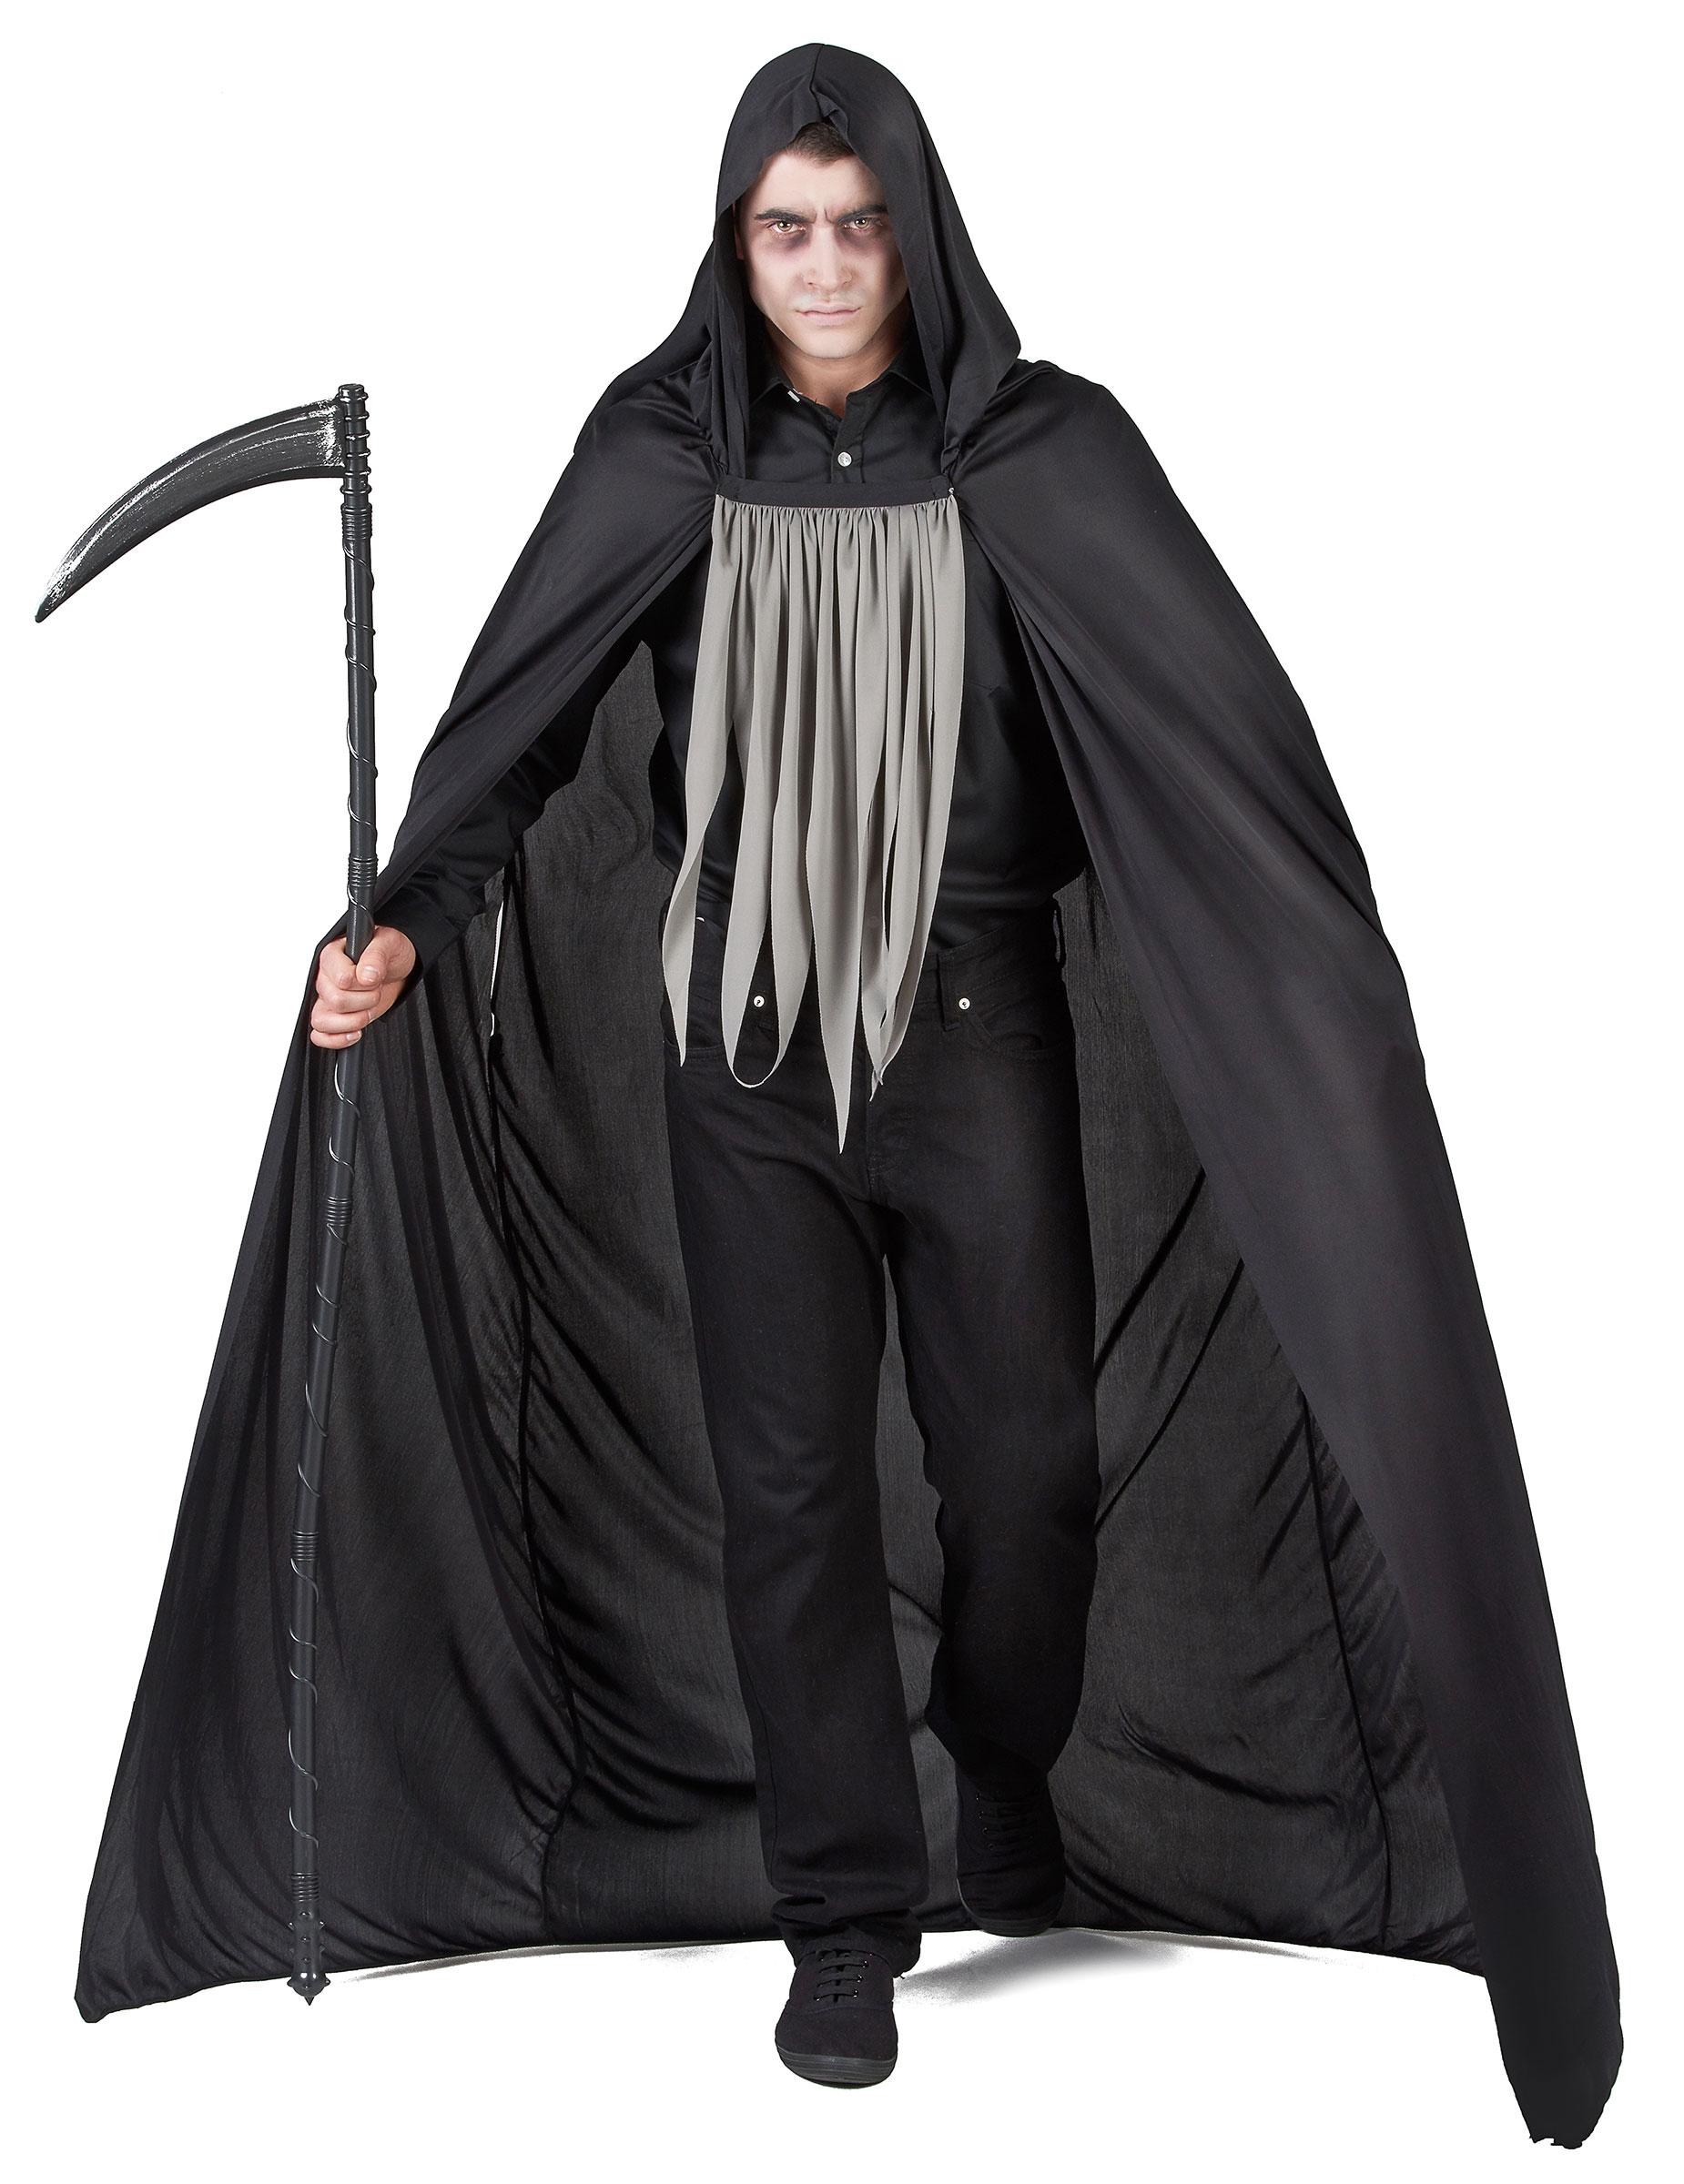 d guisement faucheur halloween homme deguise toi achat de d guisements adultes. Black Bedroom Furniture Sets. Home Design Ideas